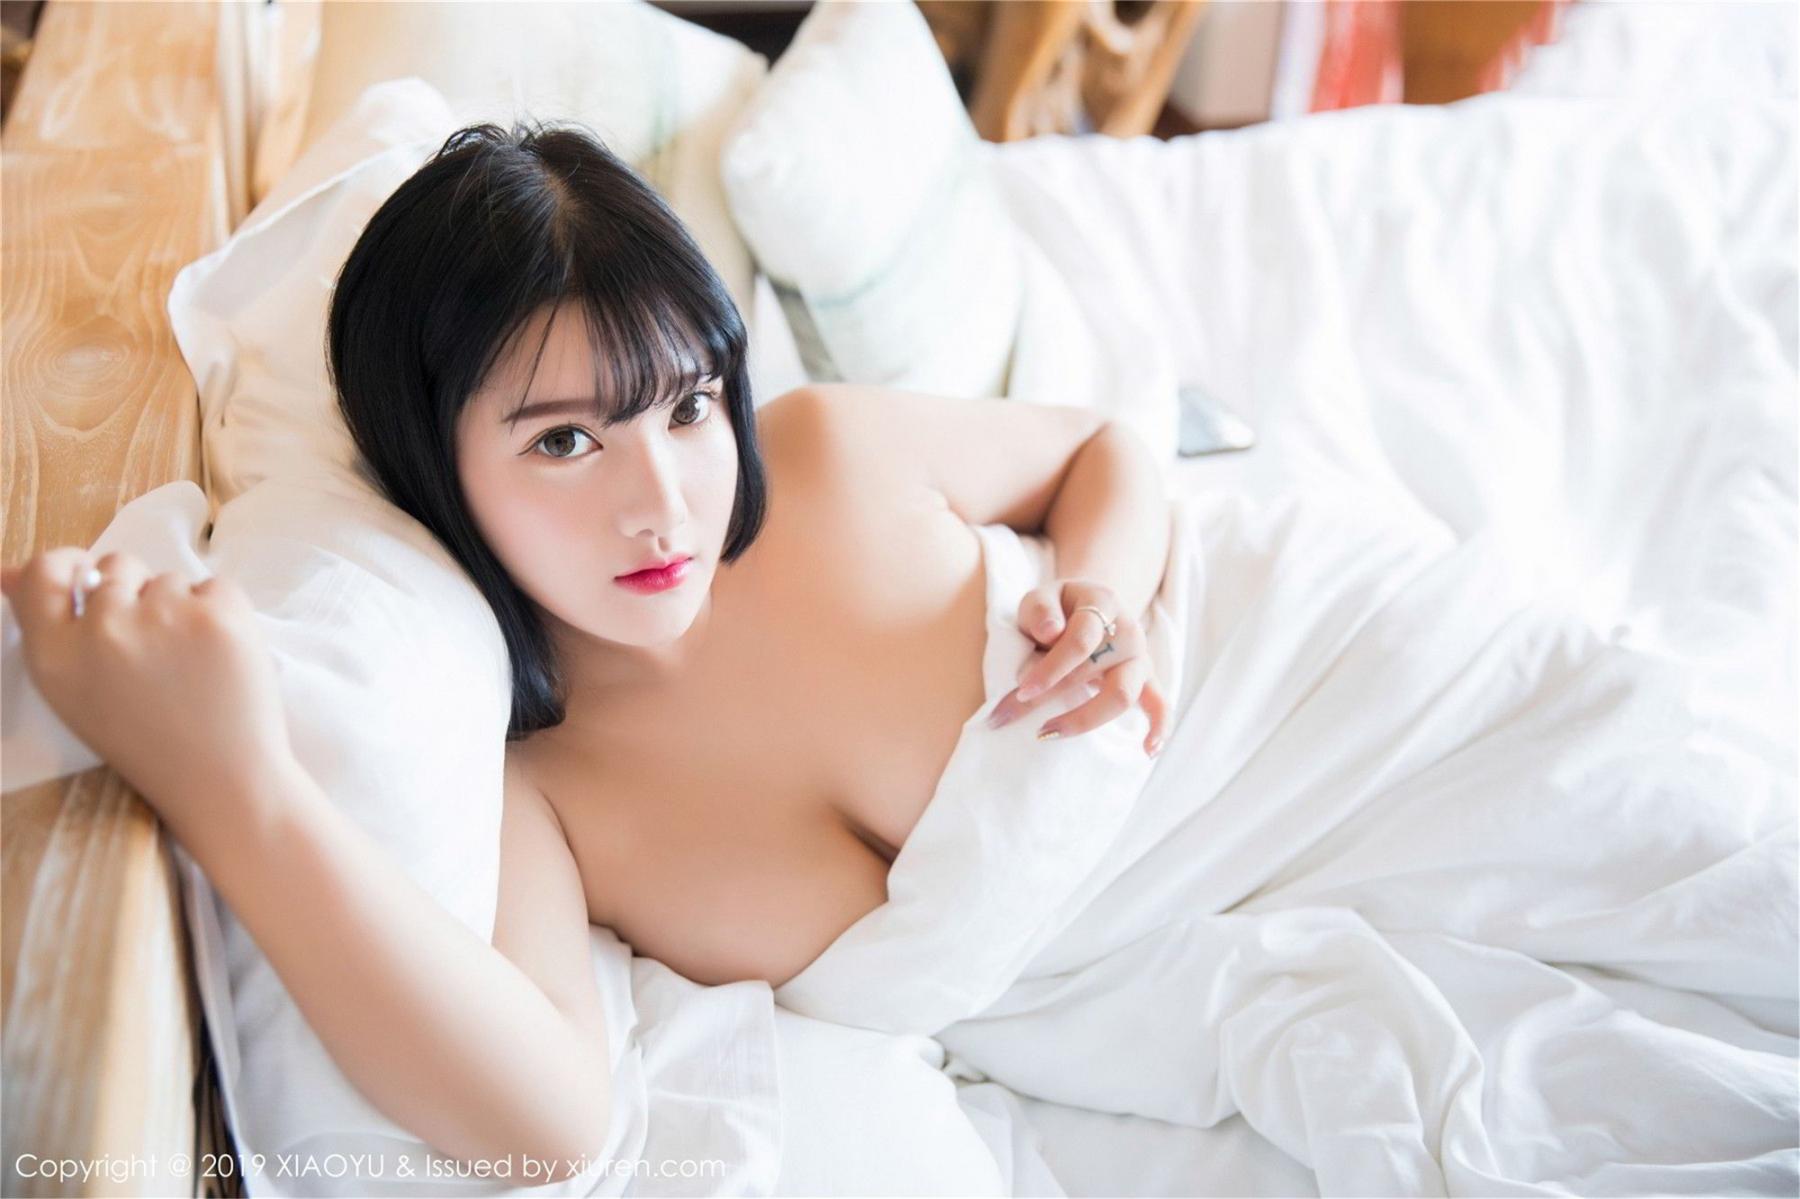 [XiaoYu] Vol.070 Lu Lu Xiao Miao 9P, Baby Face Big Boobs, Lovely, Lu Lu Xiao Miao, XiaoYu